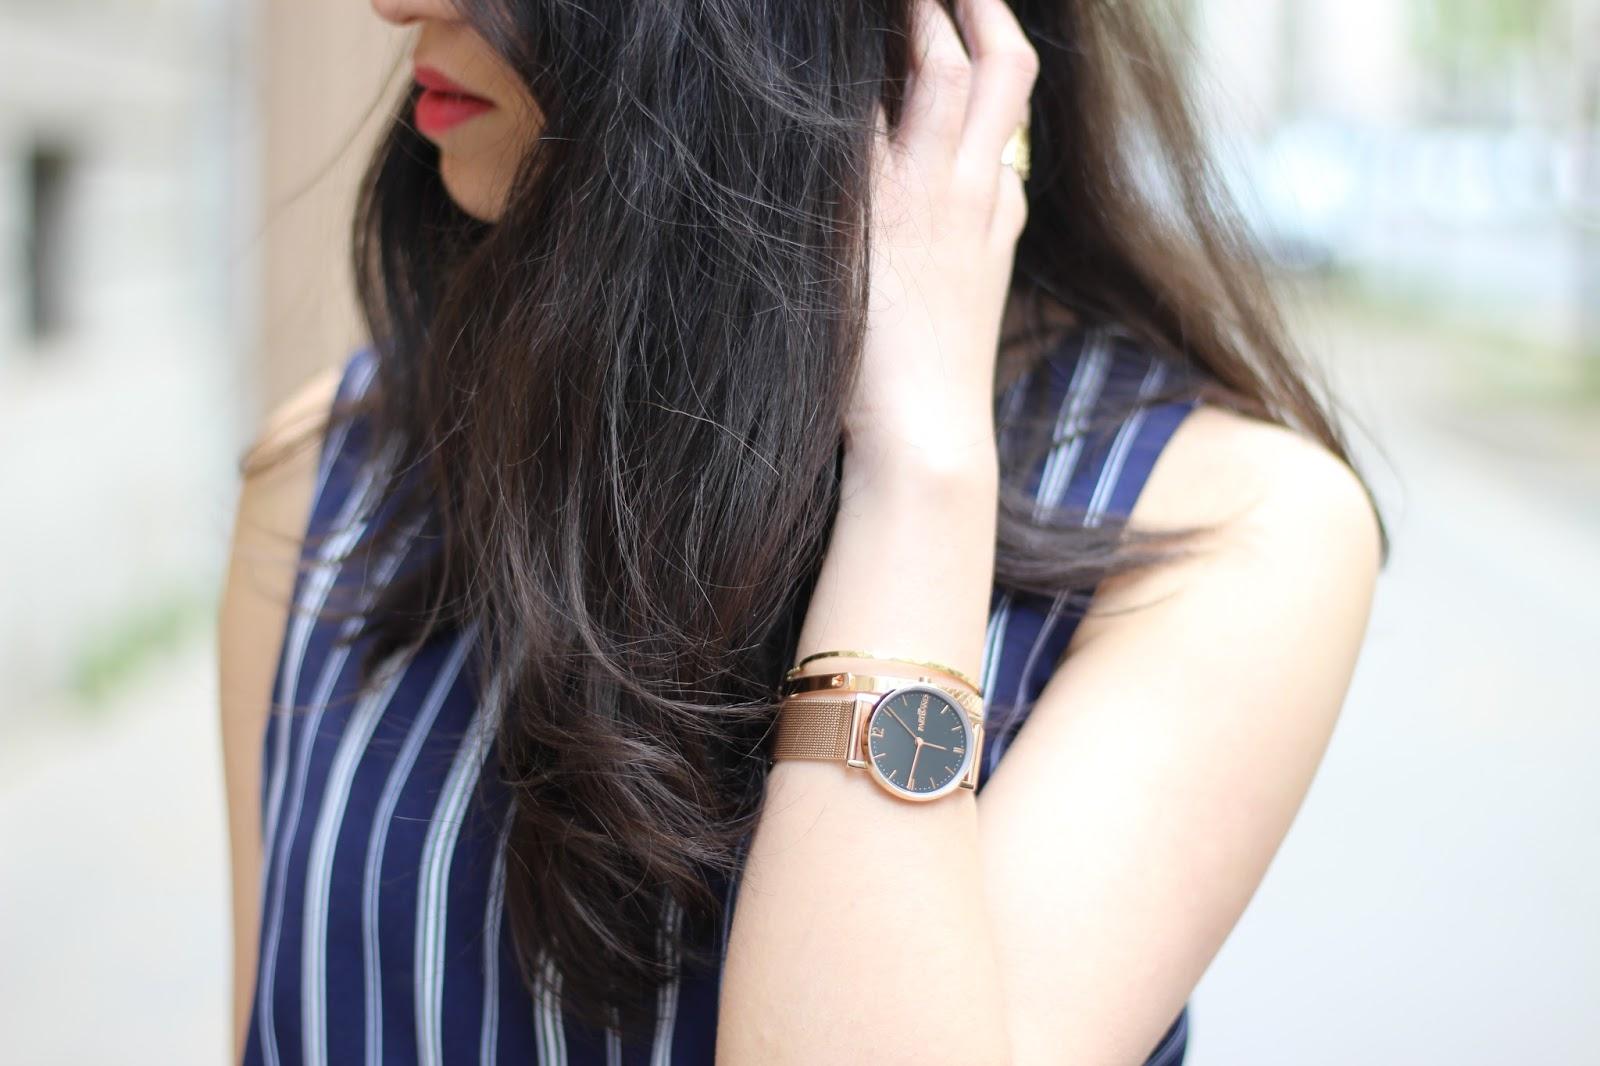 blog mode, blog mode lyon, blog mode lyon paris, blog mode paris, newlook, discoverss16, blogueuse mode, blogueuse lyonnaise, combinaison rayée, montre les partisannes